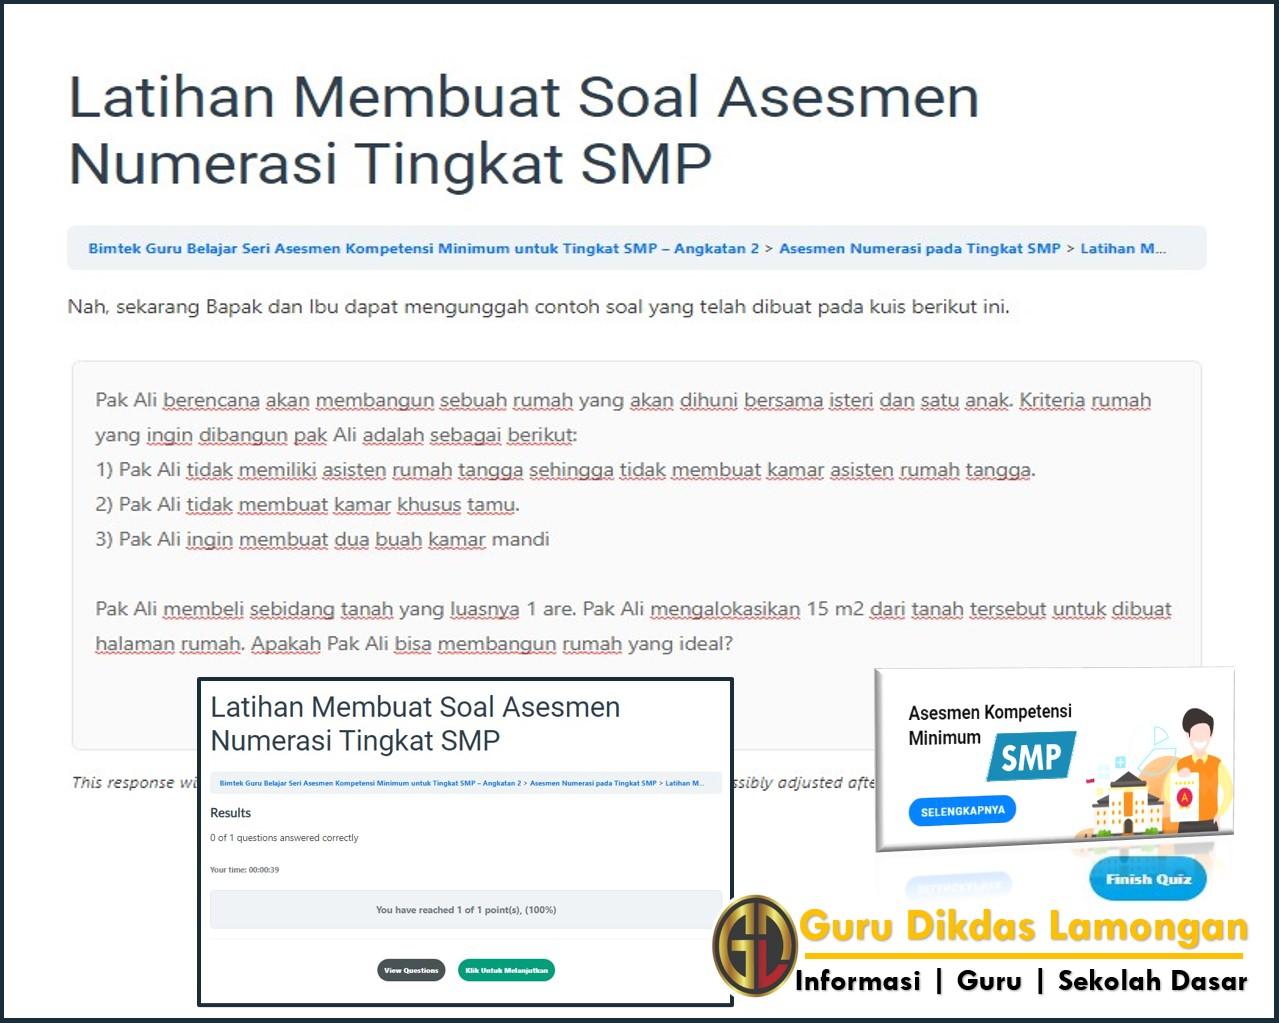 Bimtek Akm Smp Tahap 6 Asesmen Numerasi Pada Tingkat Smp Simak Soal Dan Referensi Jawaban